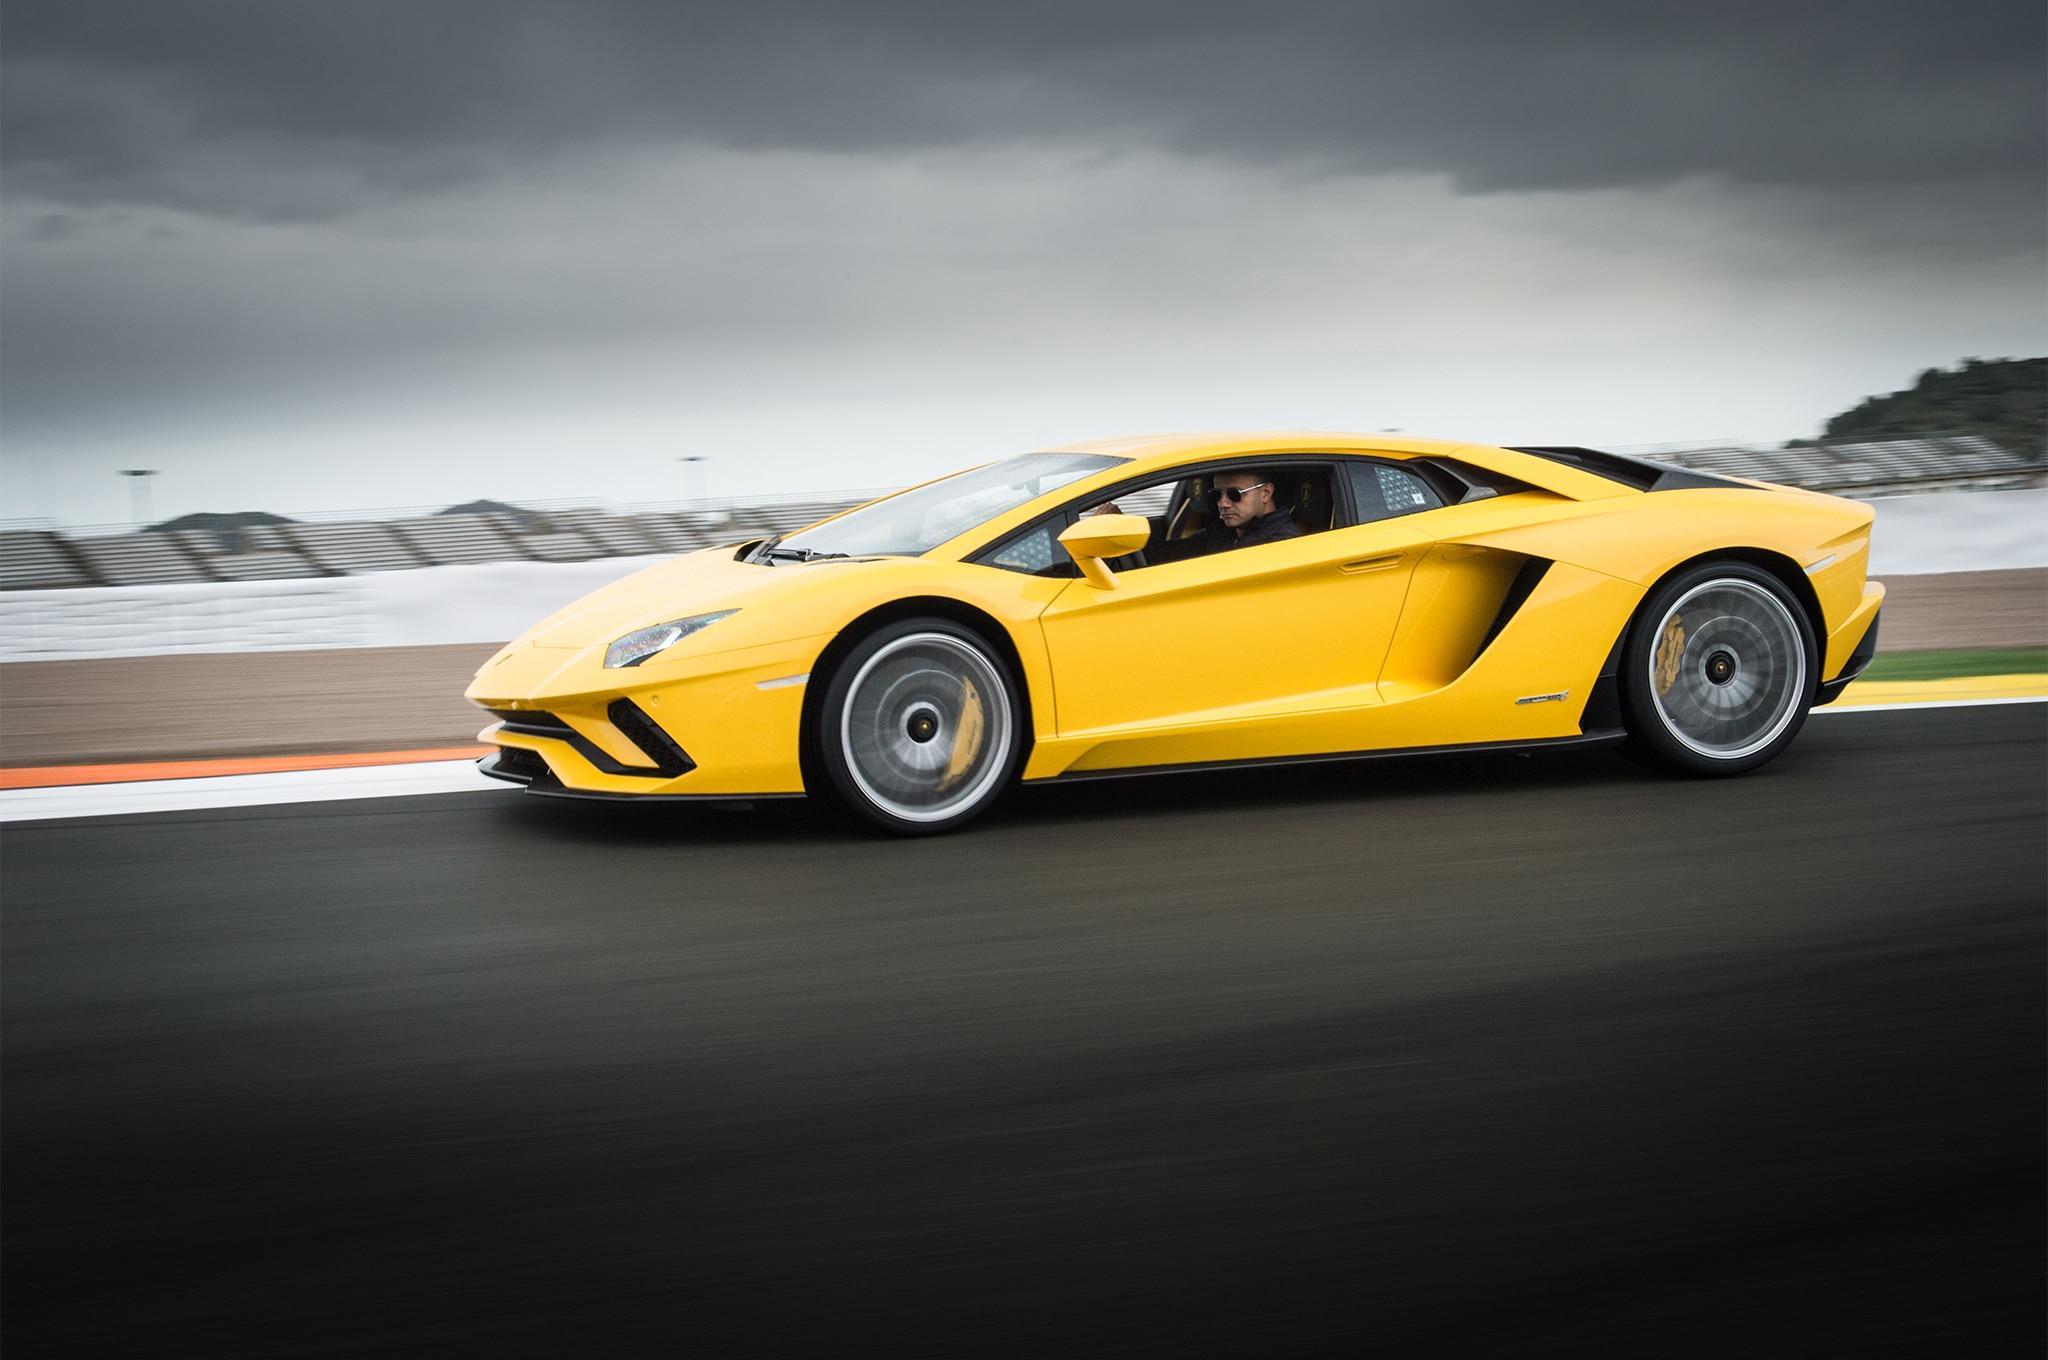 First Drive: 2017 Lamborghini Aventador S | Automobile Magazine on